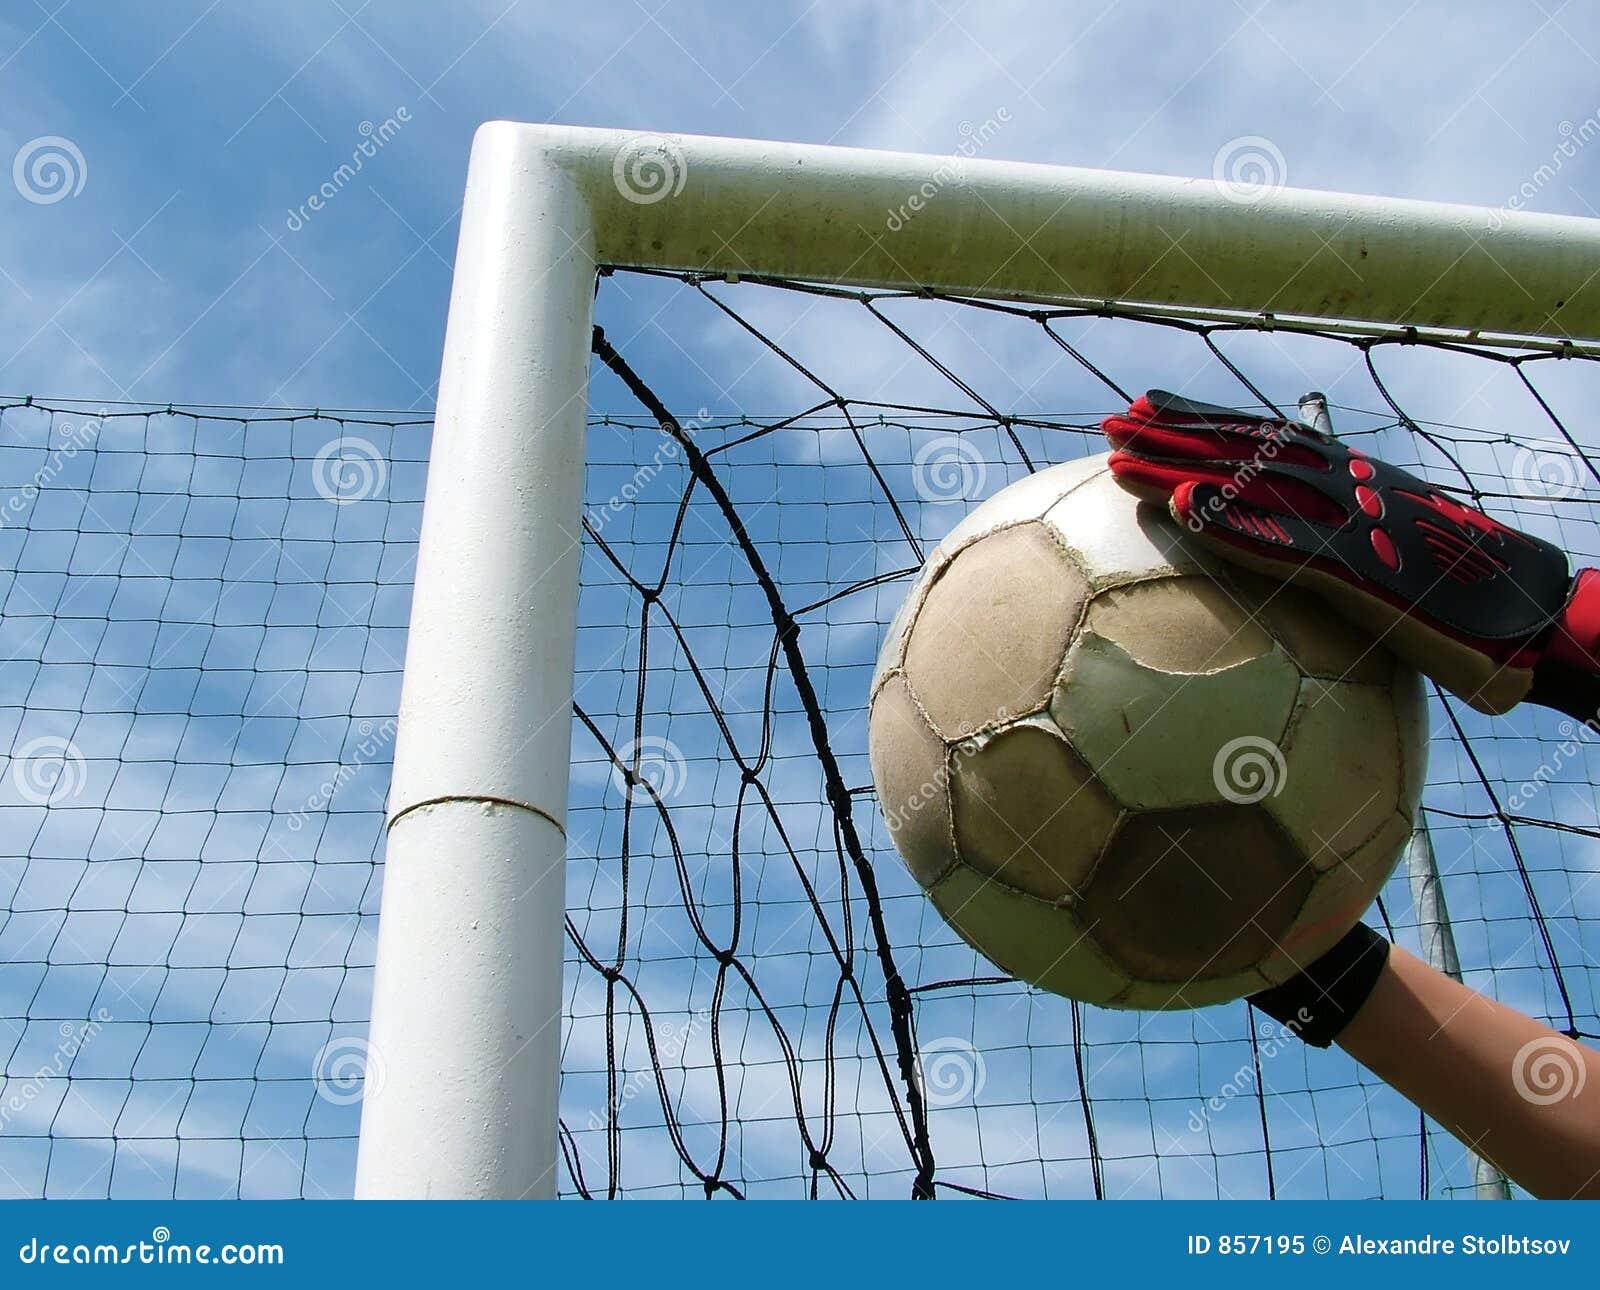 Voetbal - voetbalbal in doel